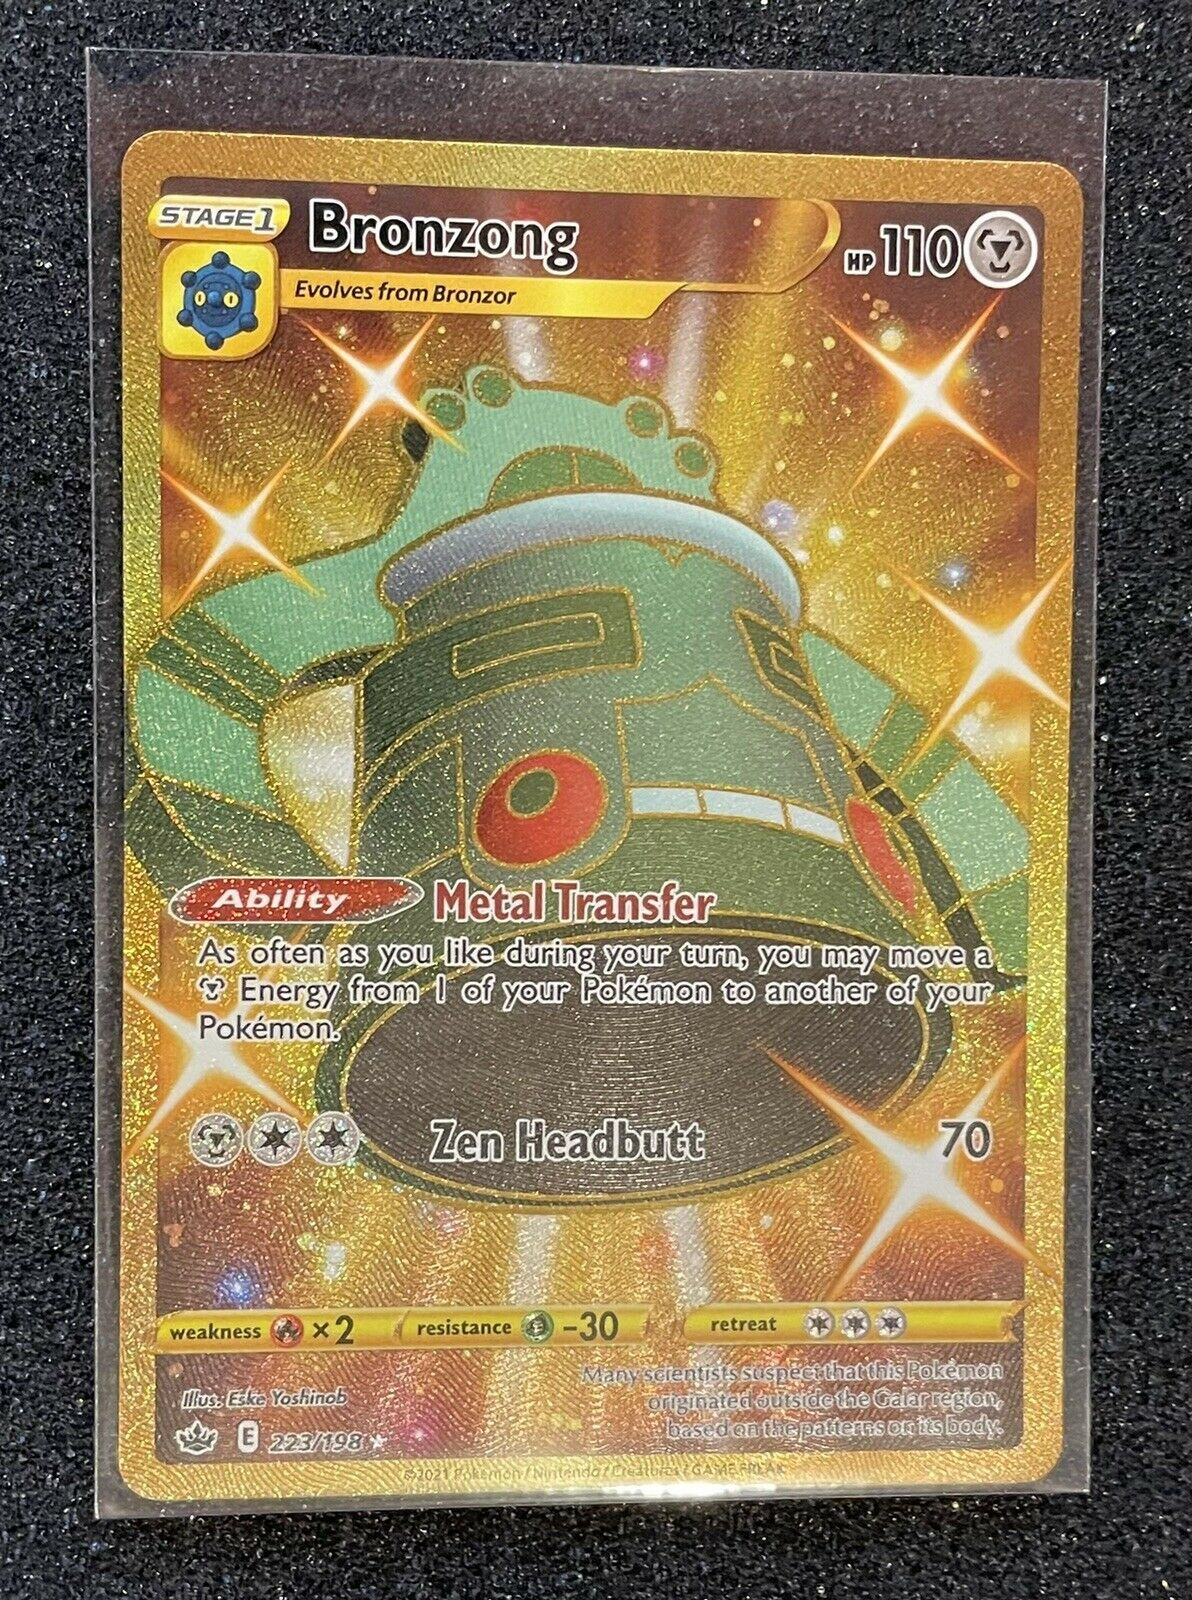 Pokemon Gold Bronzong Secret Rare - Chilling Reign (223/198)